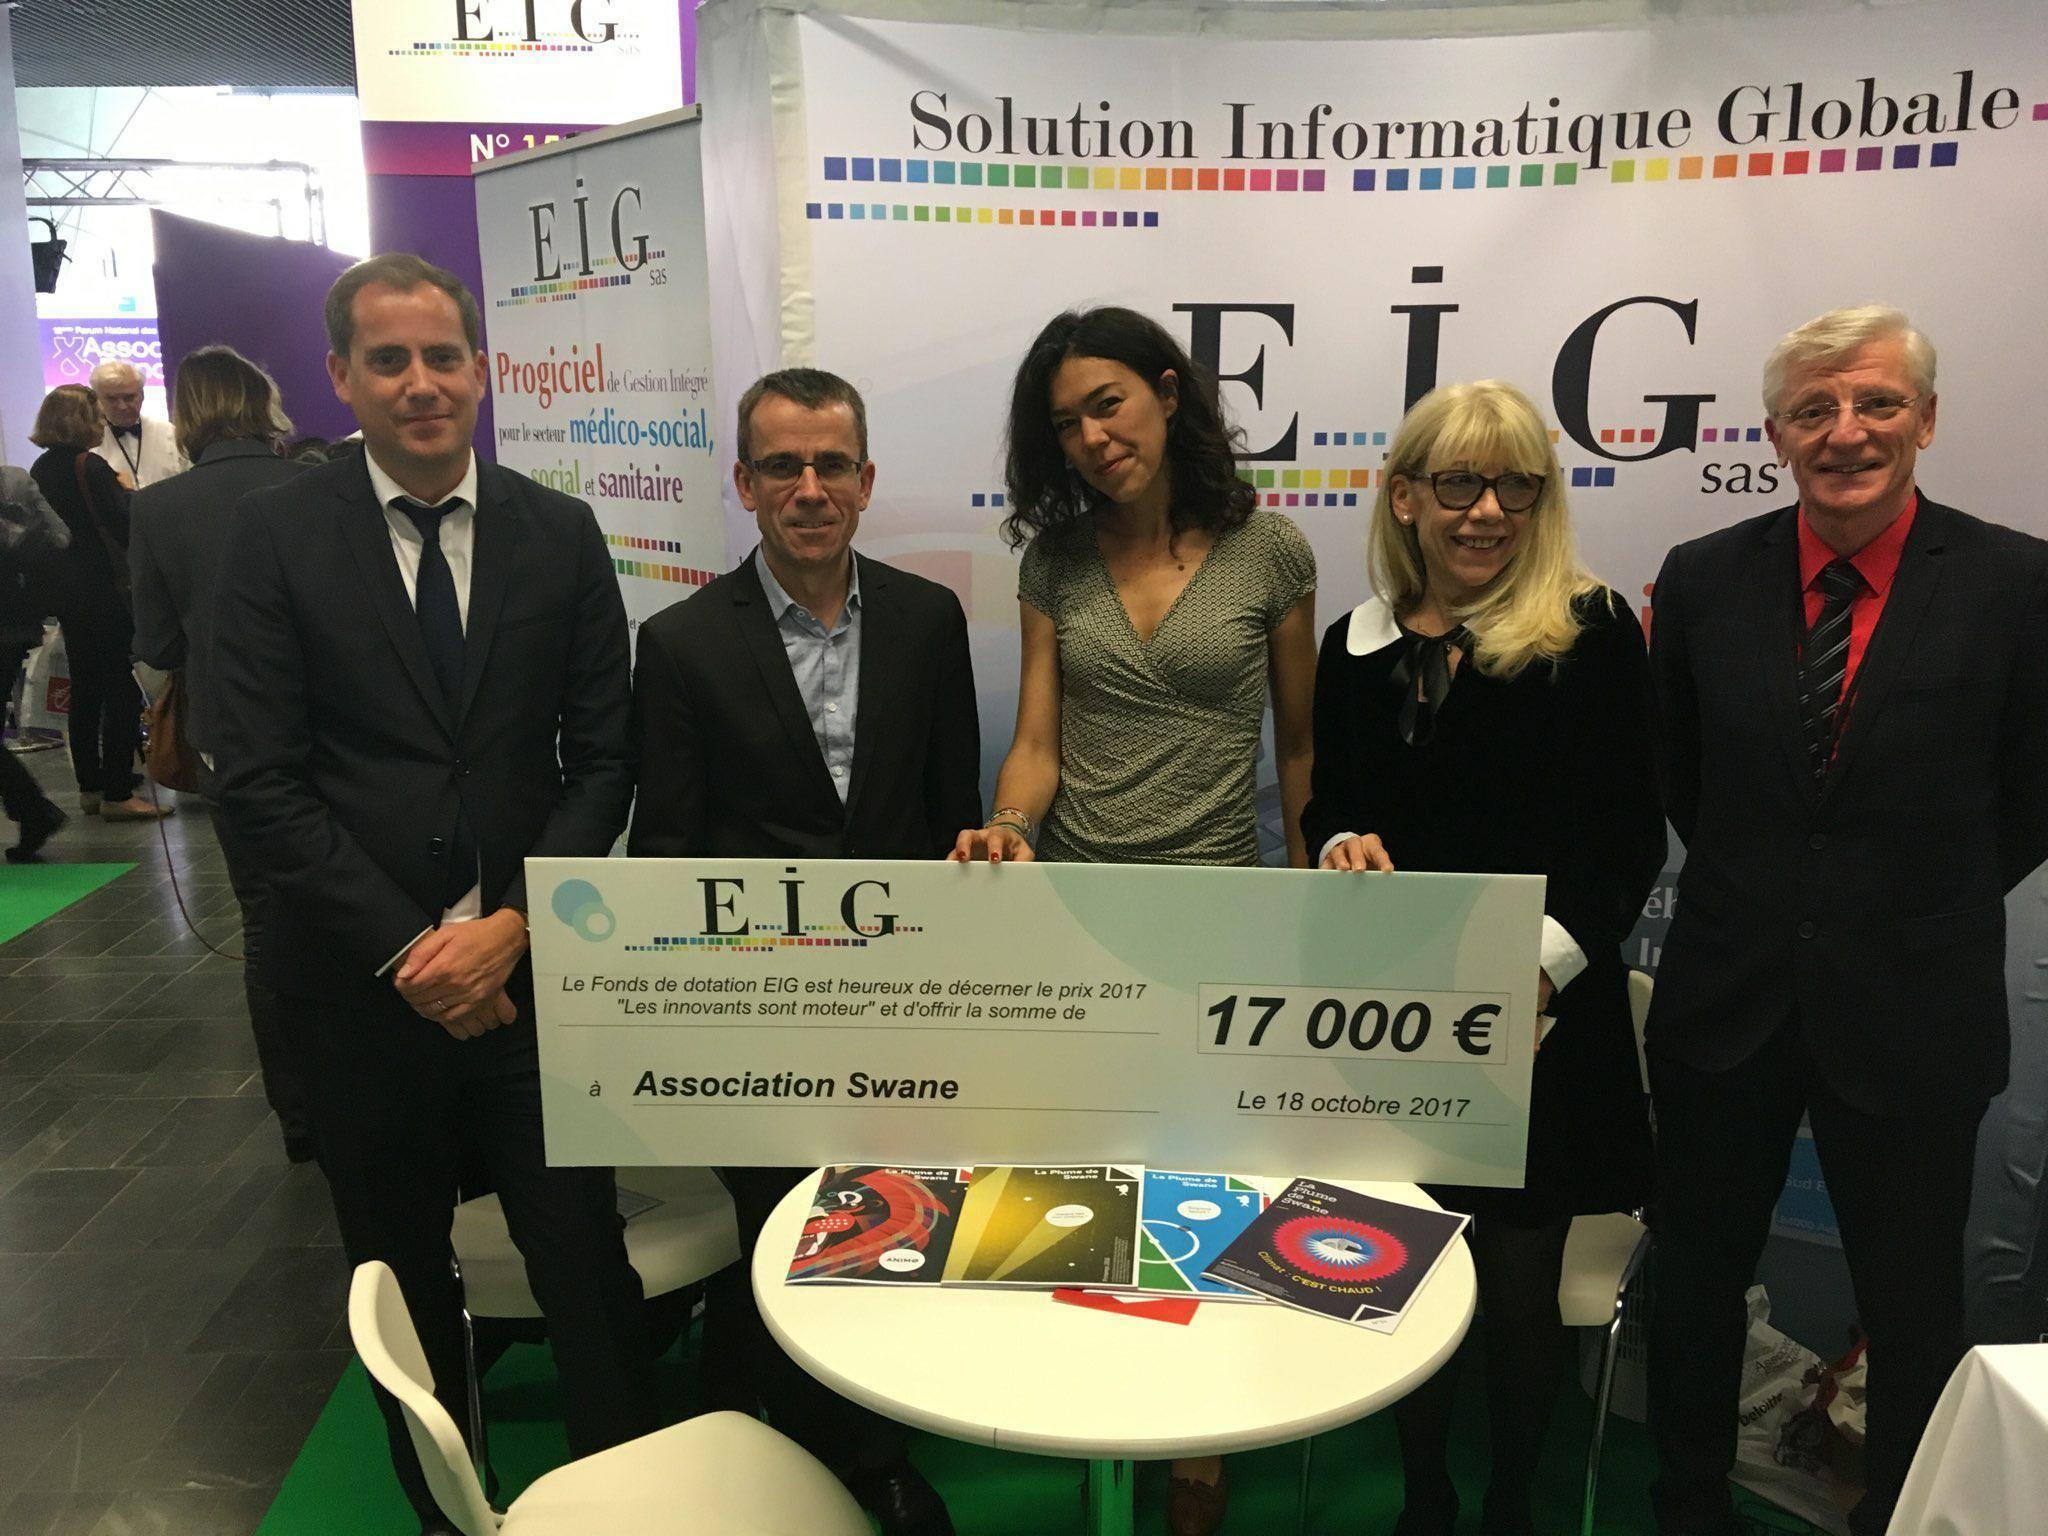 Swane lauréate du Prix EIG Les innovants sont moteurs